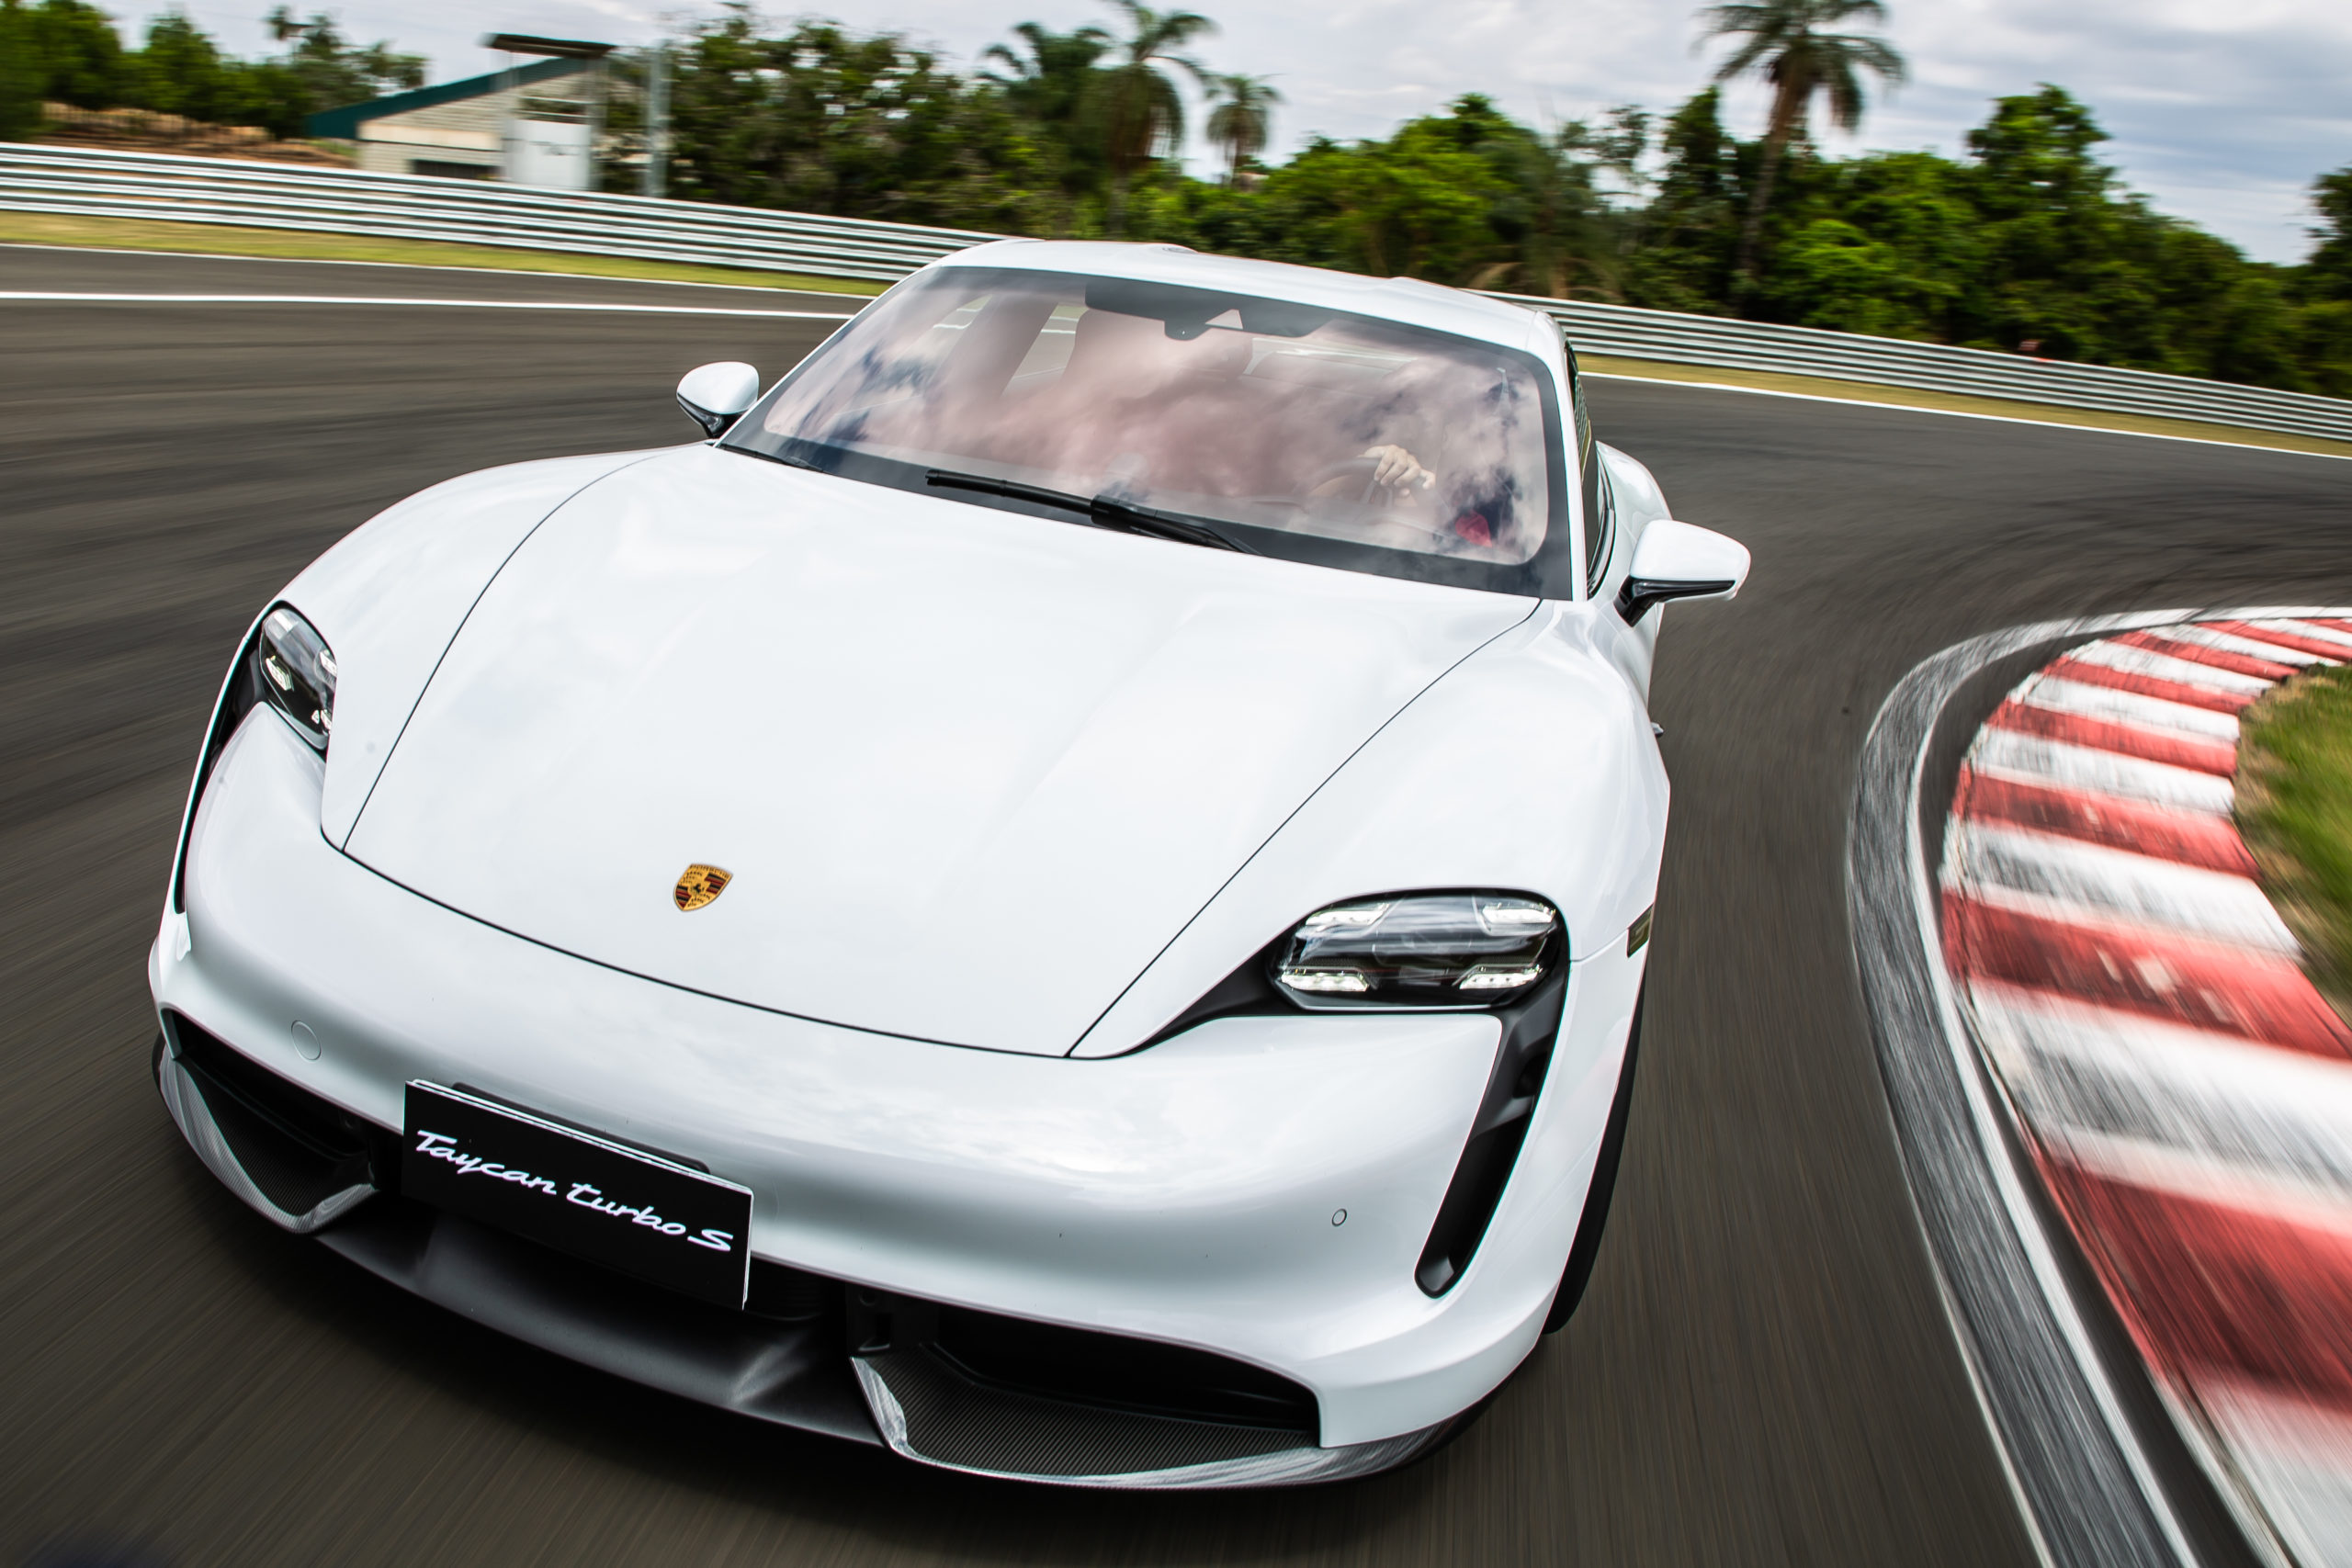 Teste: esportivo elétrico Porsche Taycan Turbo S é um choque de adrenalina